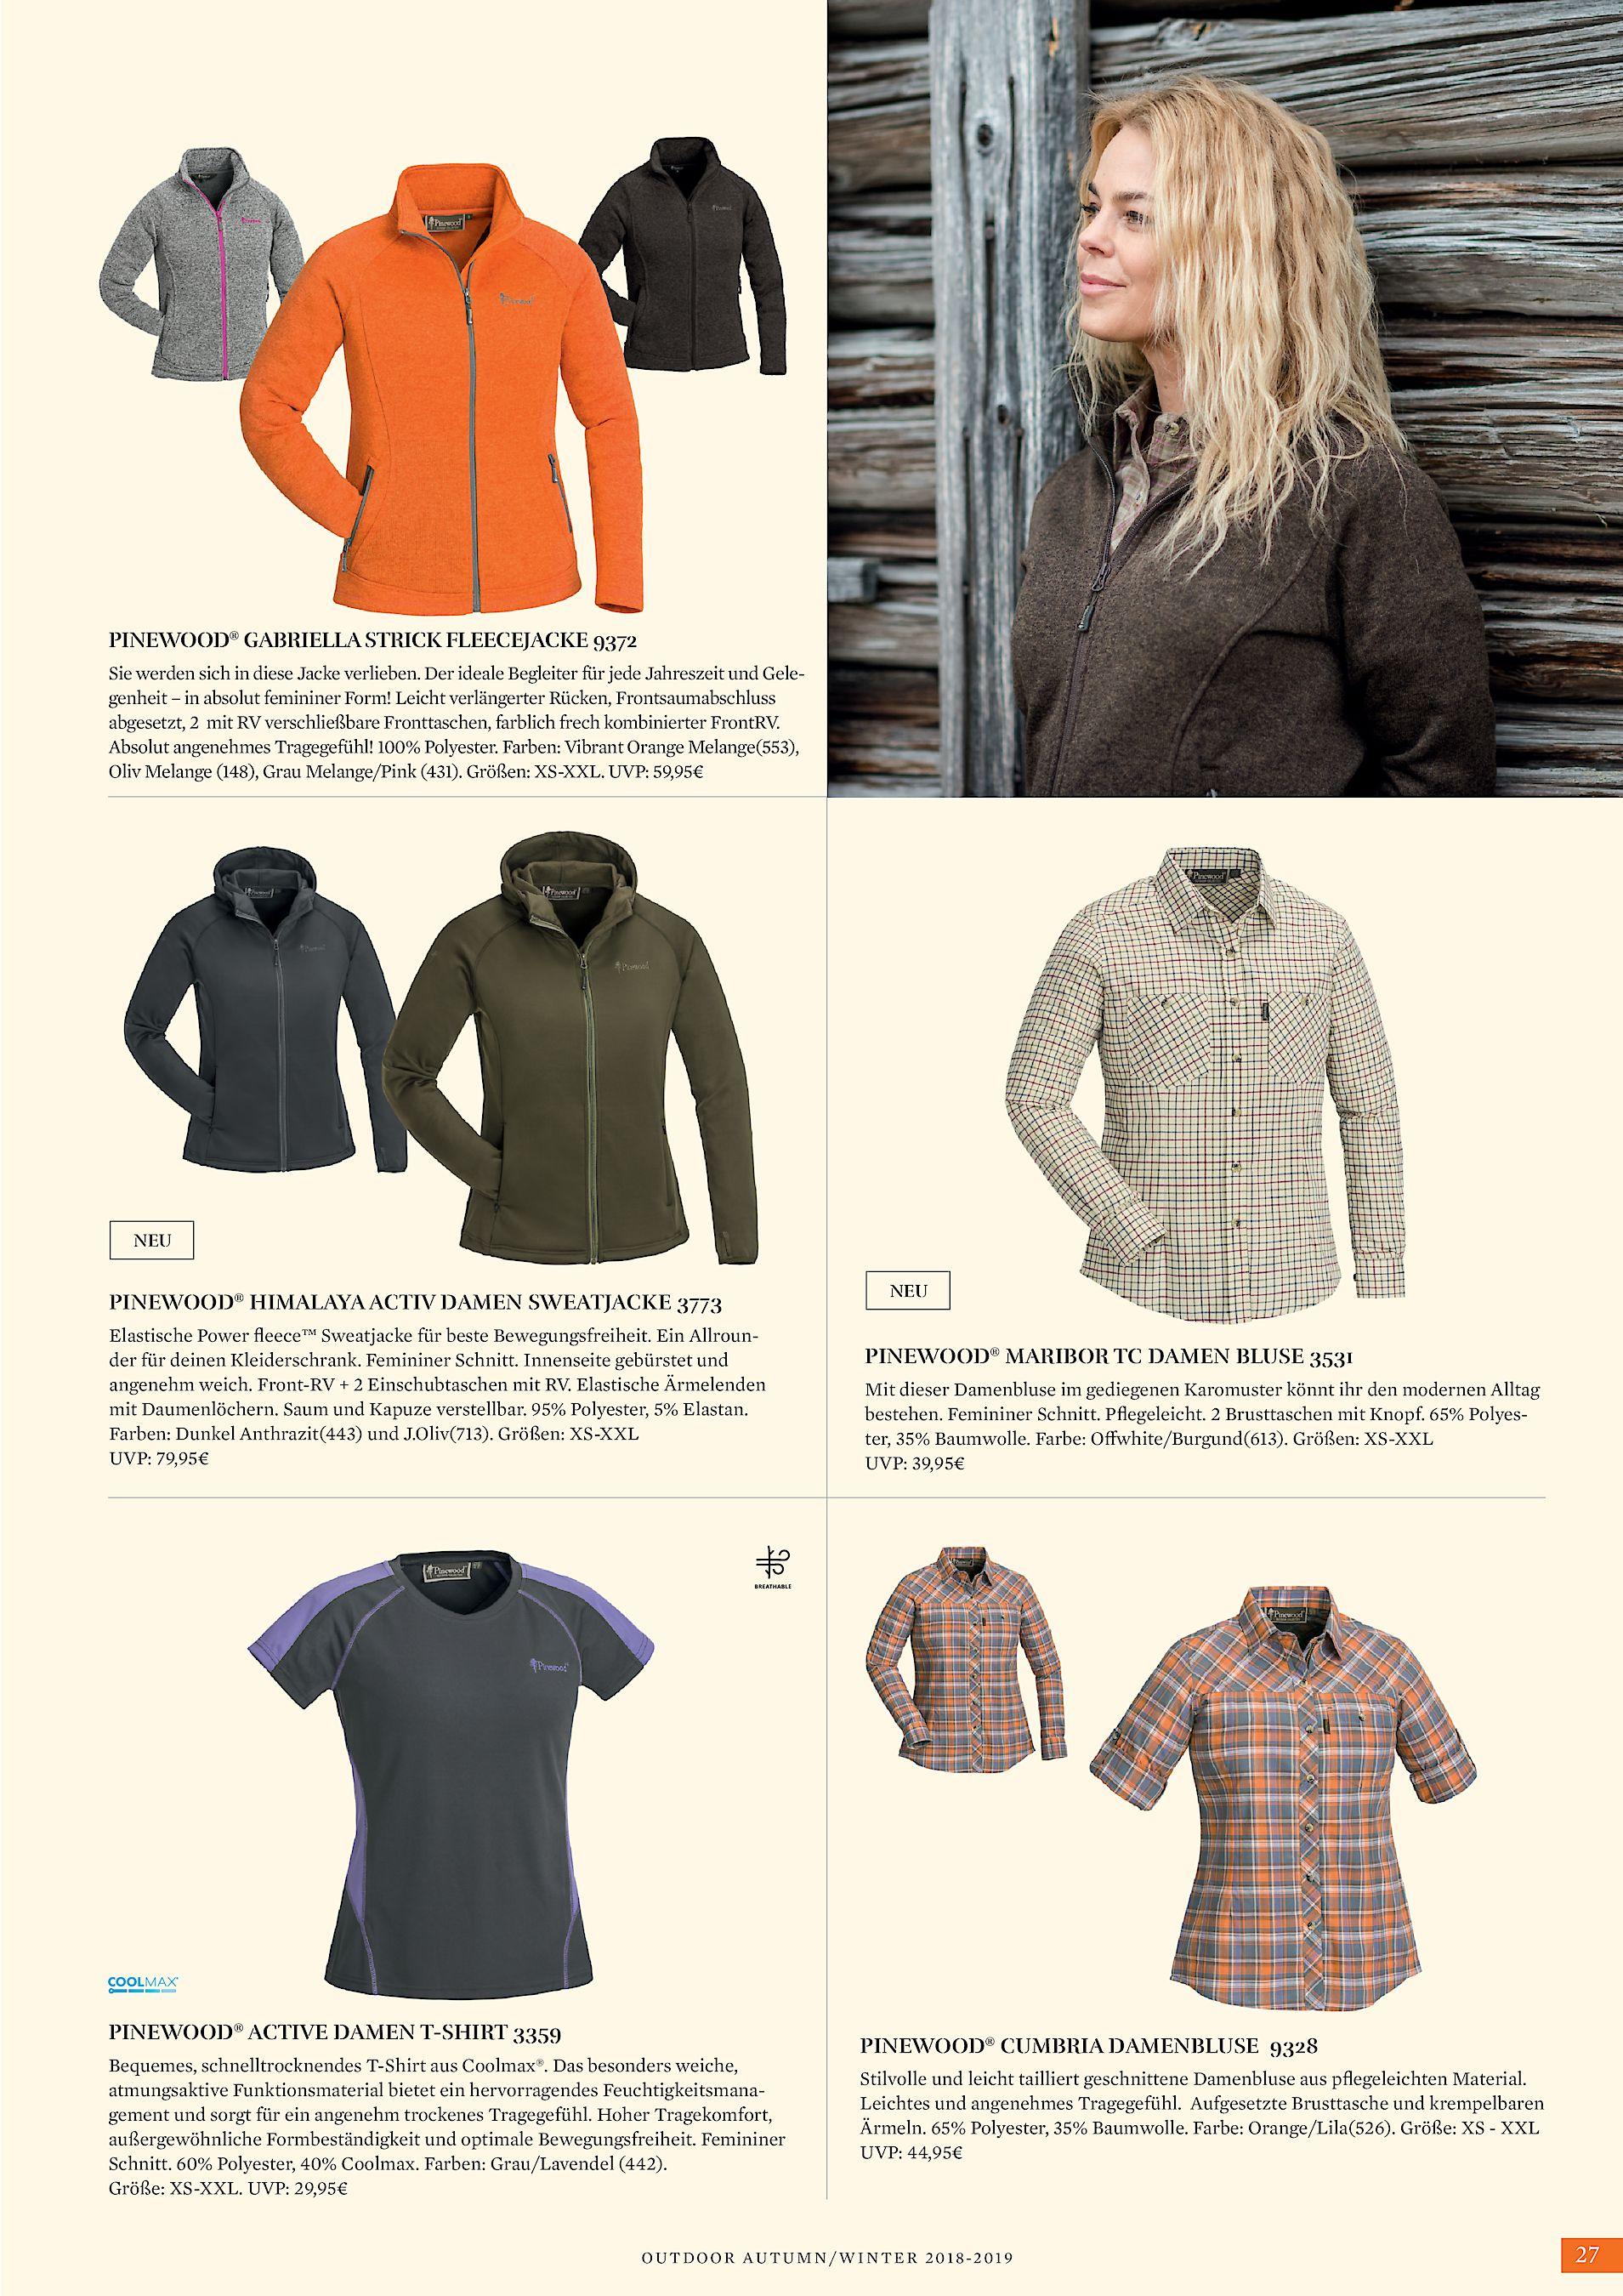 Pullover Cardigan Gr Kleidung & Accessoires L Sehr Schön Wie Neu MöChten Sie Einheimische Chinesische Produkte Kaufen?